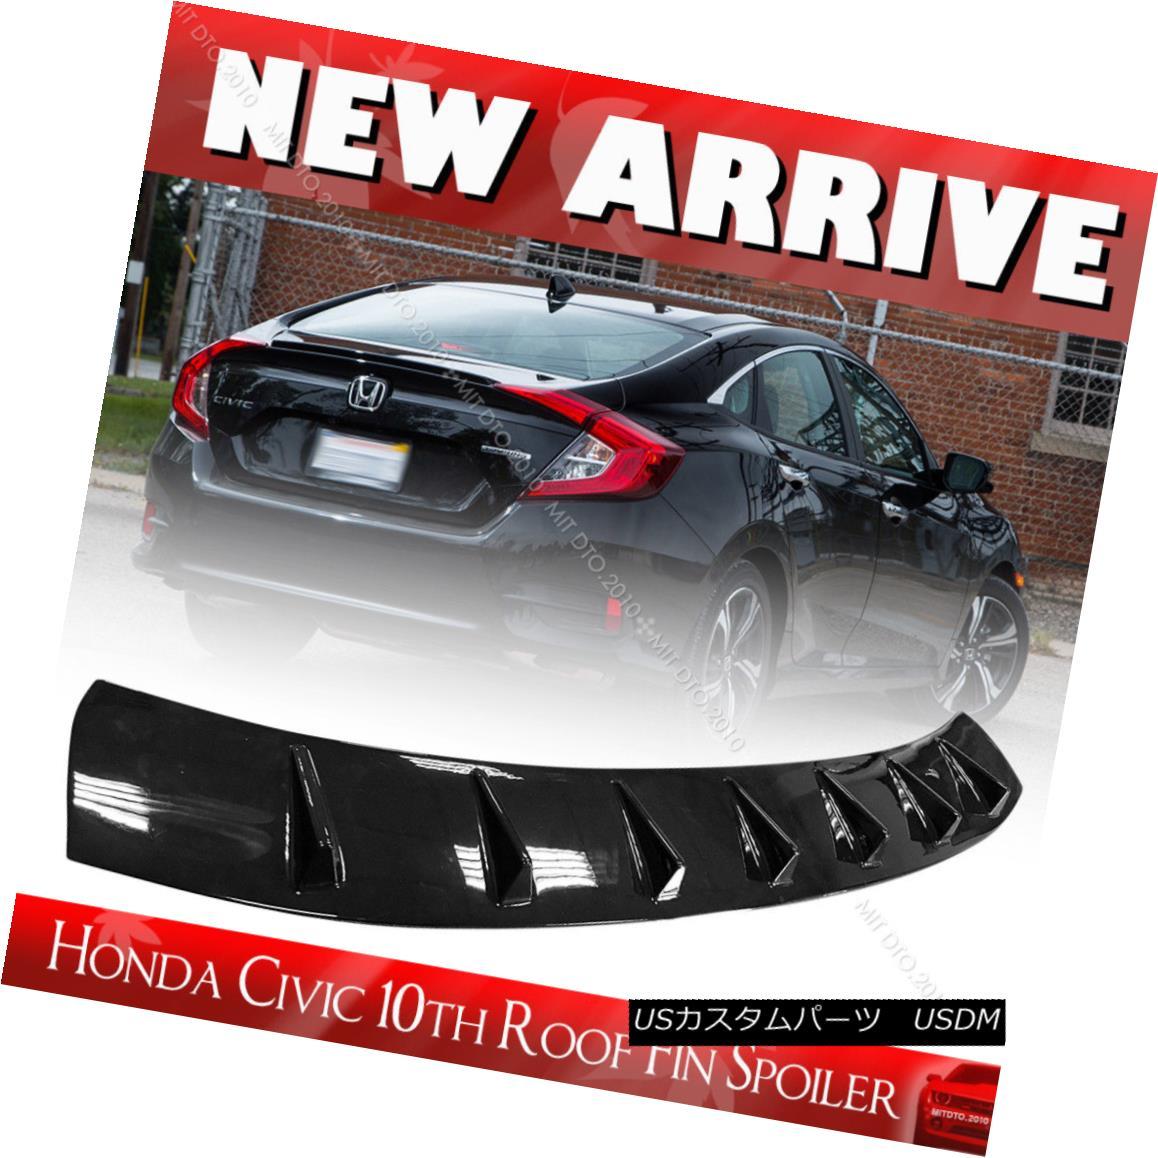 エアロパーツ One Day Ship- Roof Fin Spoiler Wing Glassy Black For Honda Civic X Sedan LX DX 1日の船 - ホンダシビックXセダンLX DXのルーフフィンスポイラーウインググラスブラック